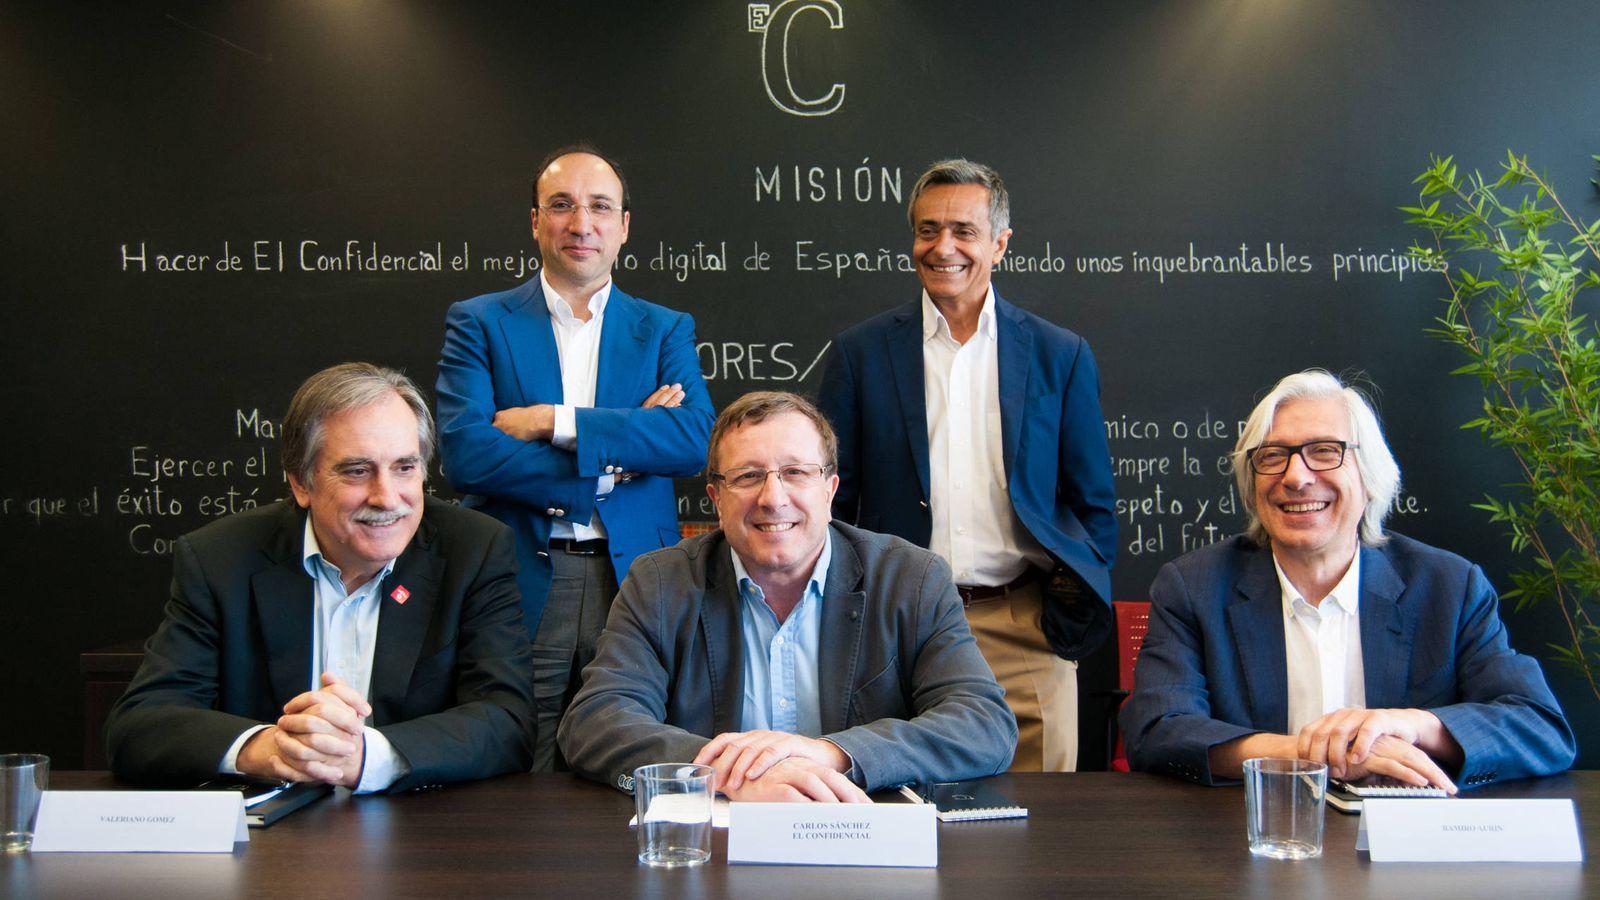 Foto: Mesa redonda de El Confidencial. (C. Castellón)